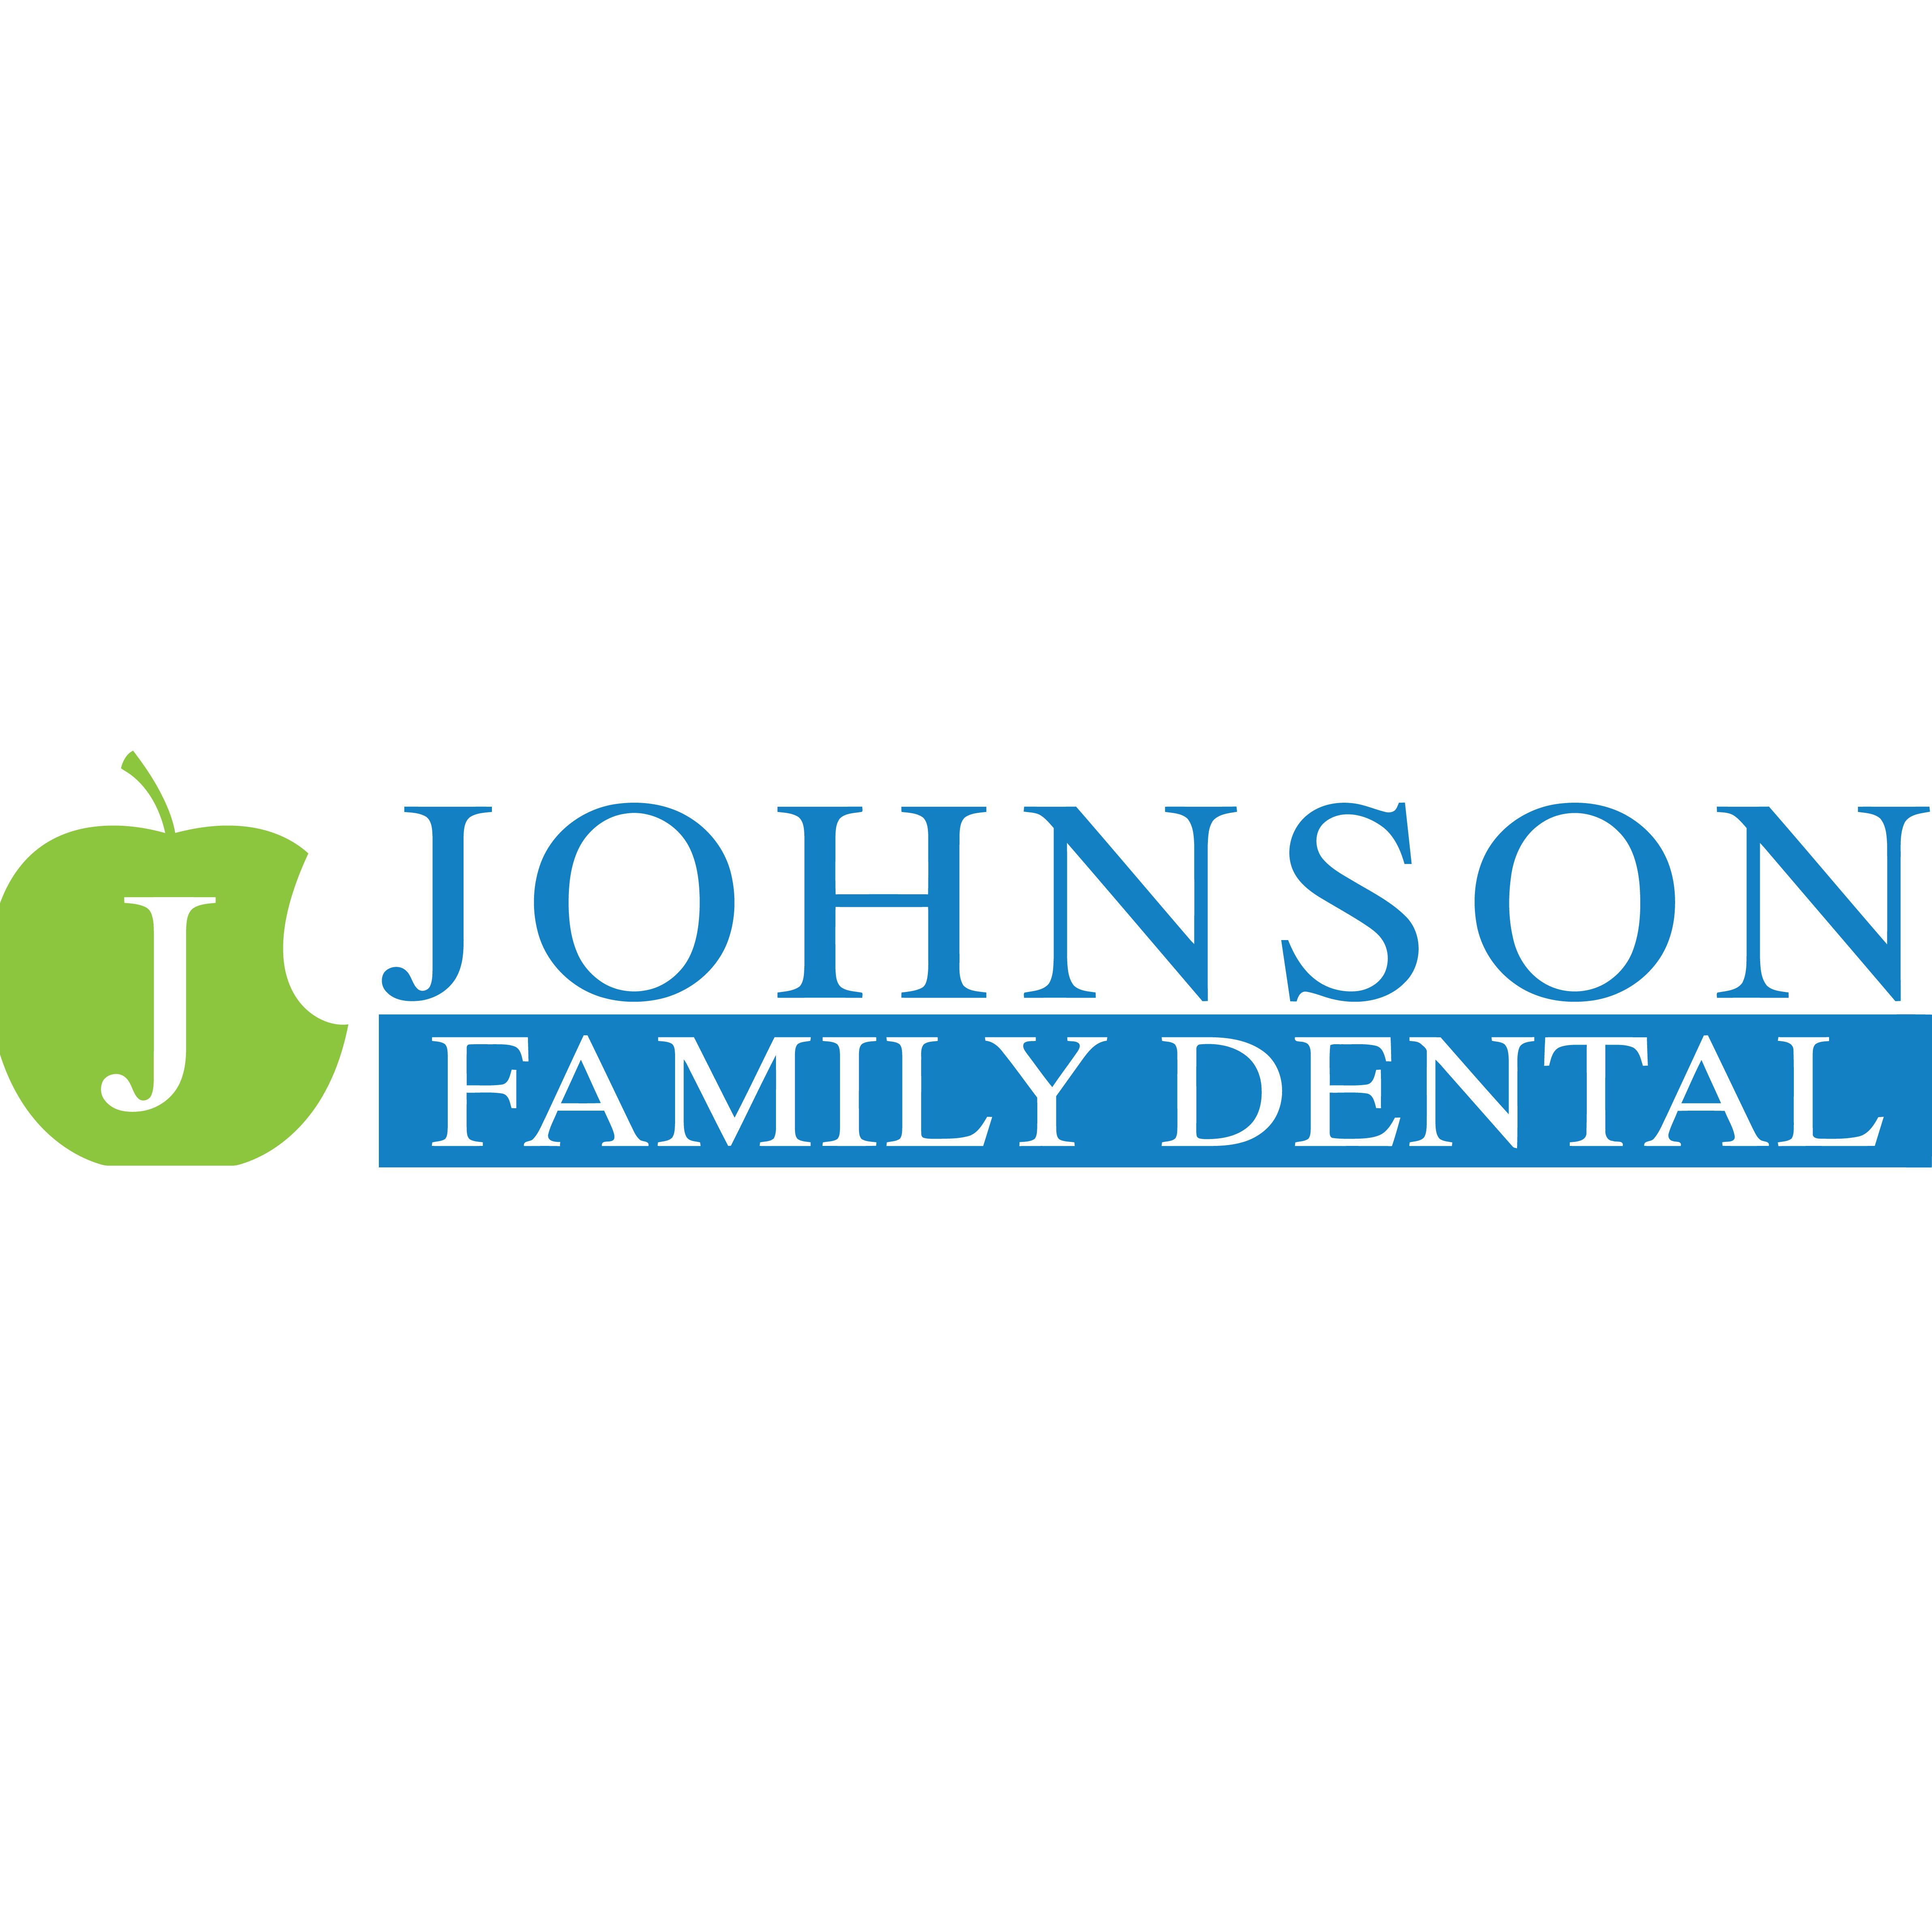 Johnson Family Dental image 0